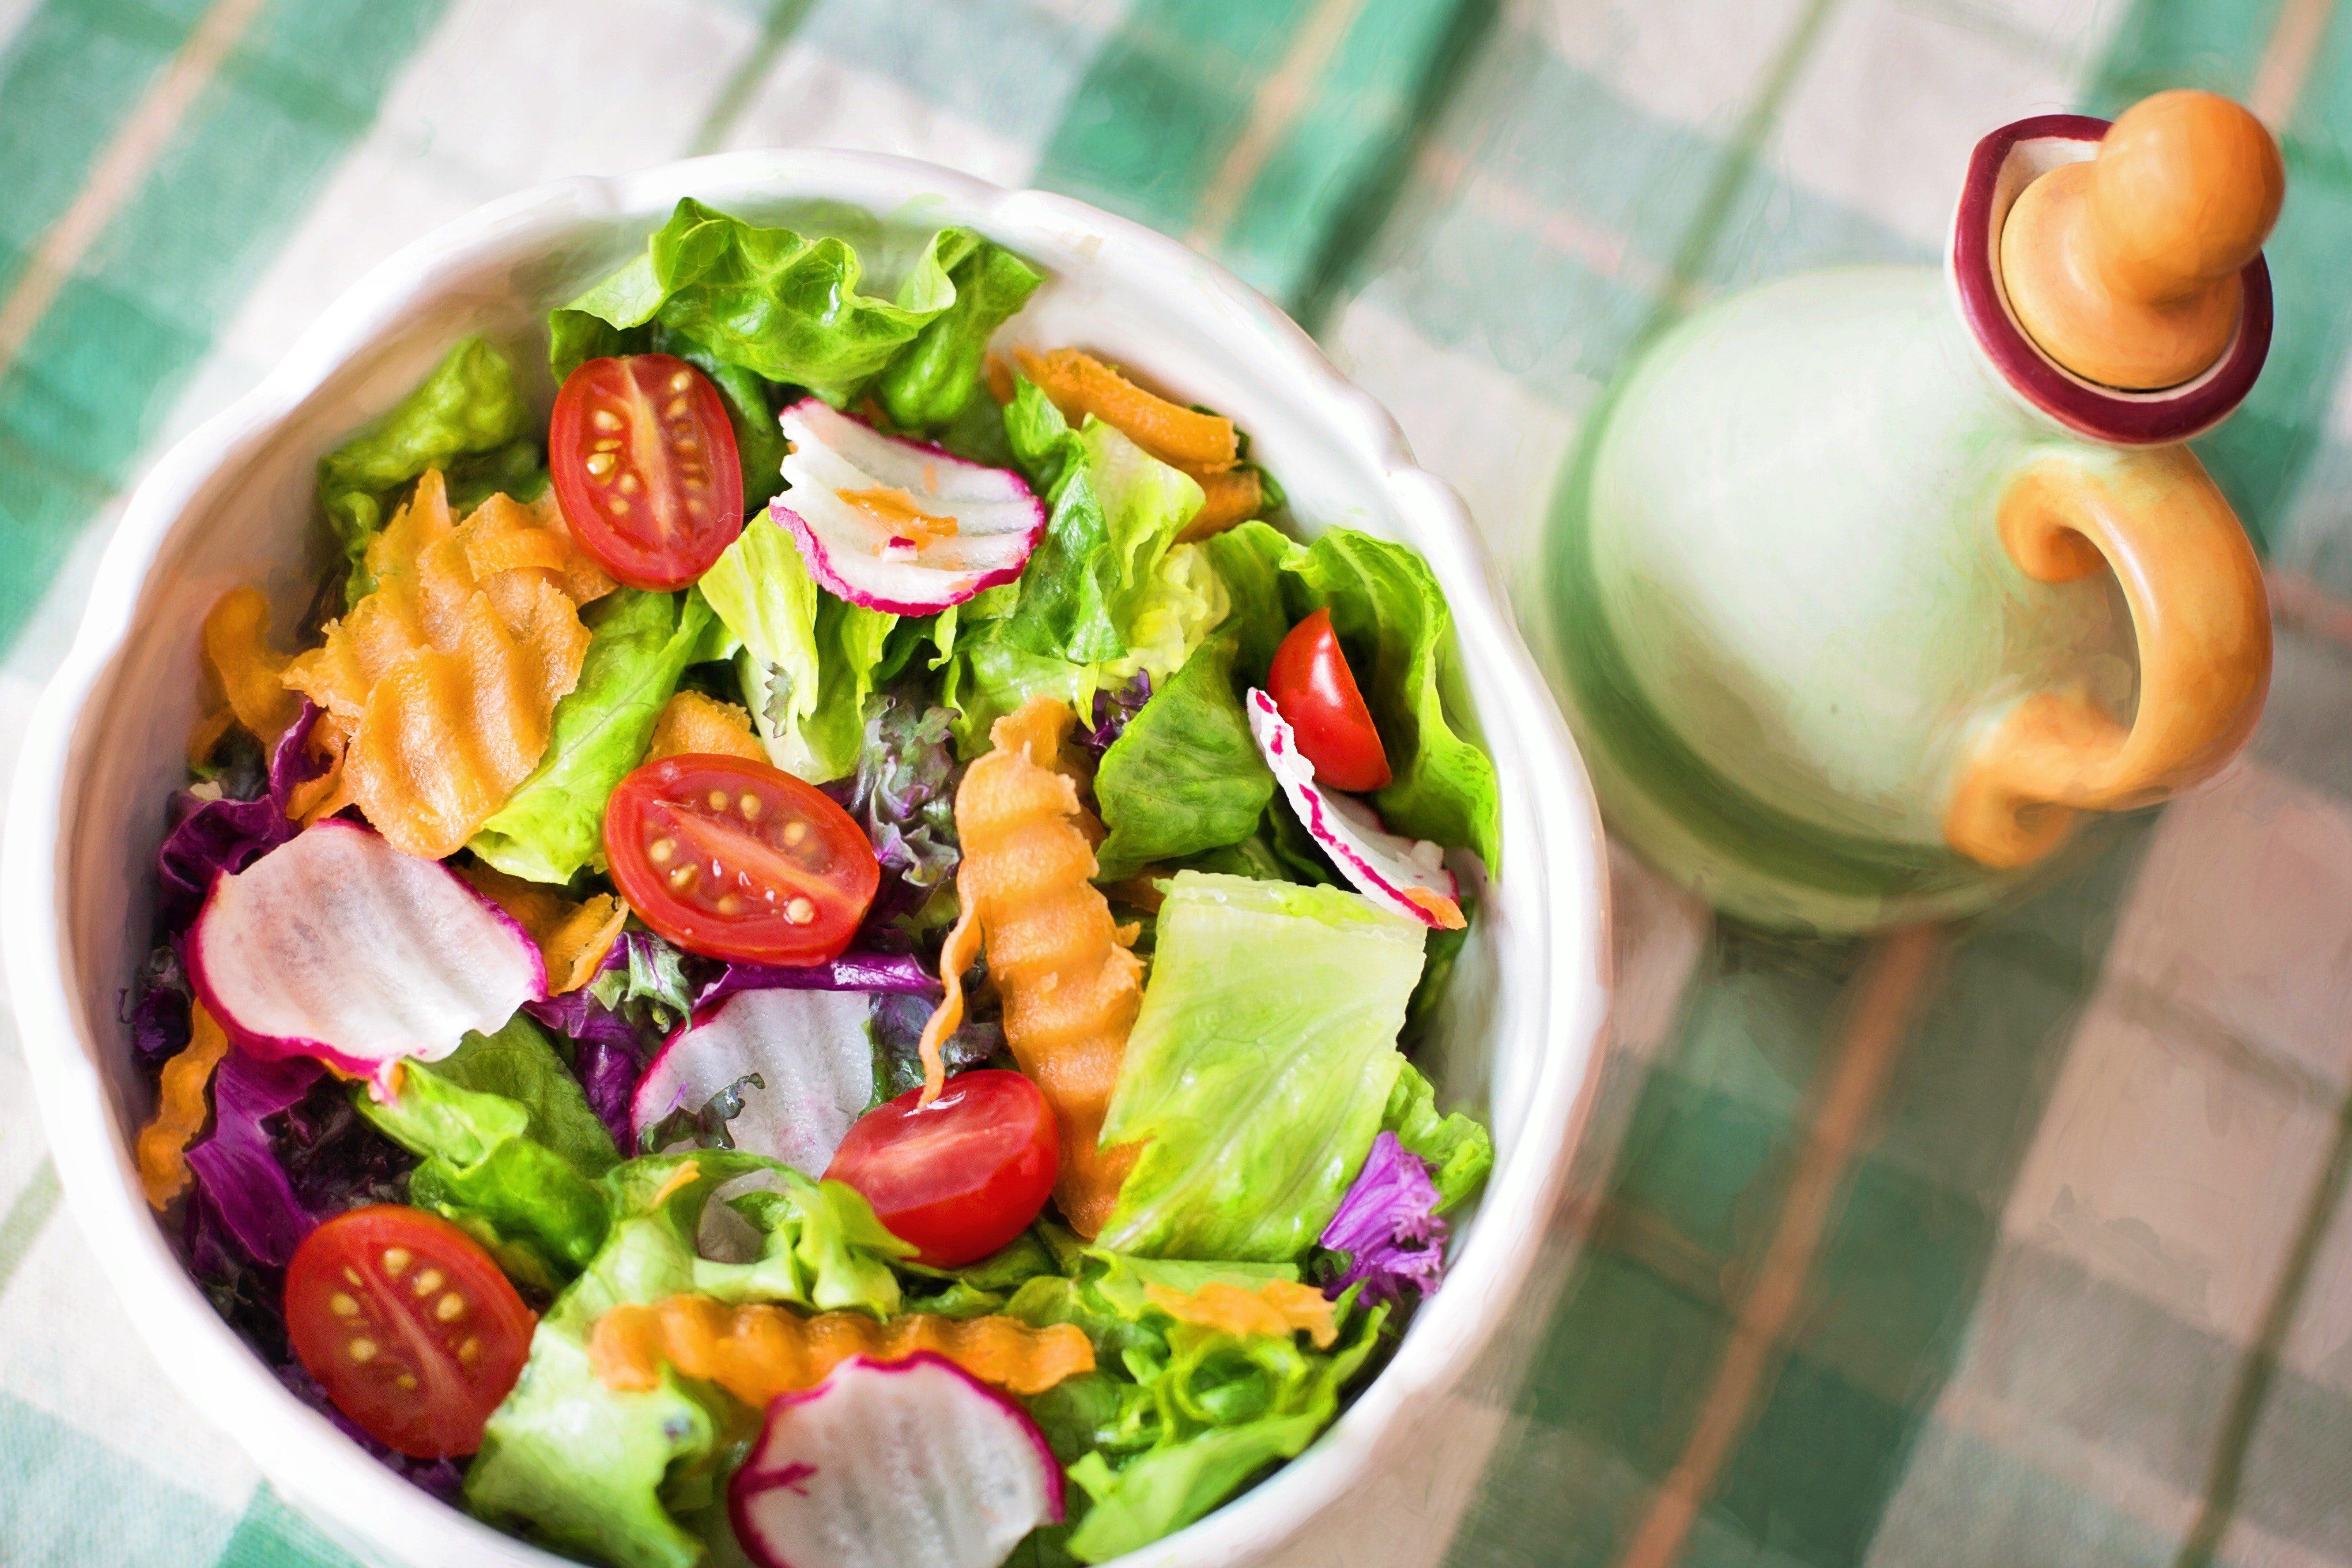 picky eater-fussy eater-strategies-tips